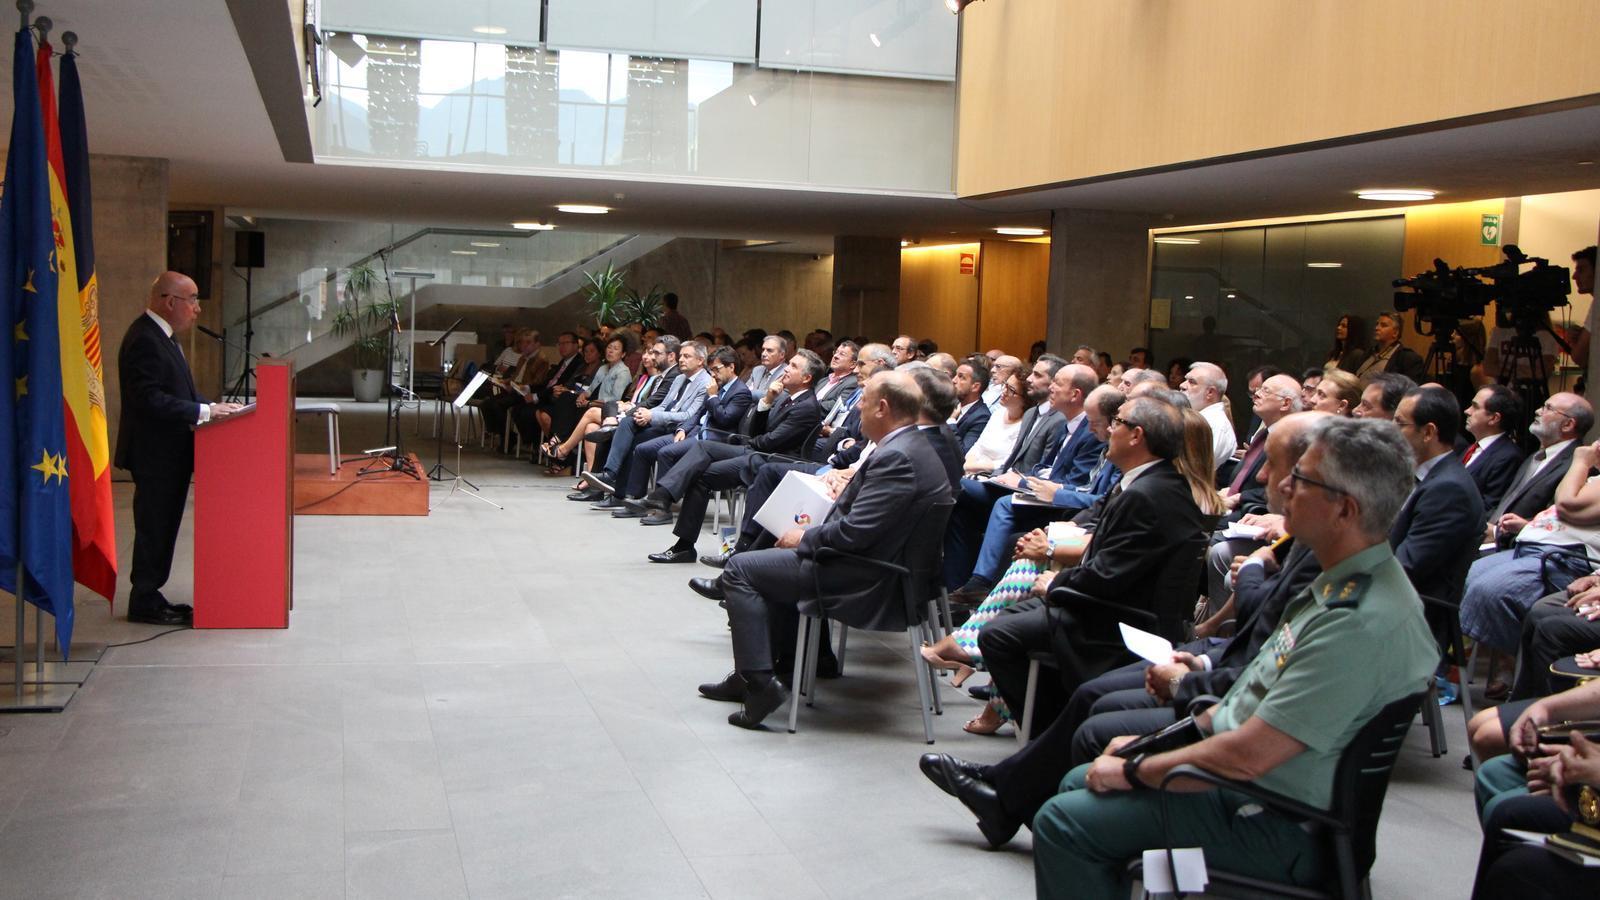 L'ambaixador Manuel Montobbio durant la seva intervenció en l'acte de celebració dels 25 anys de relacions diplomàtiques entre Andorra i Espanya. / M. T. (ANA)